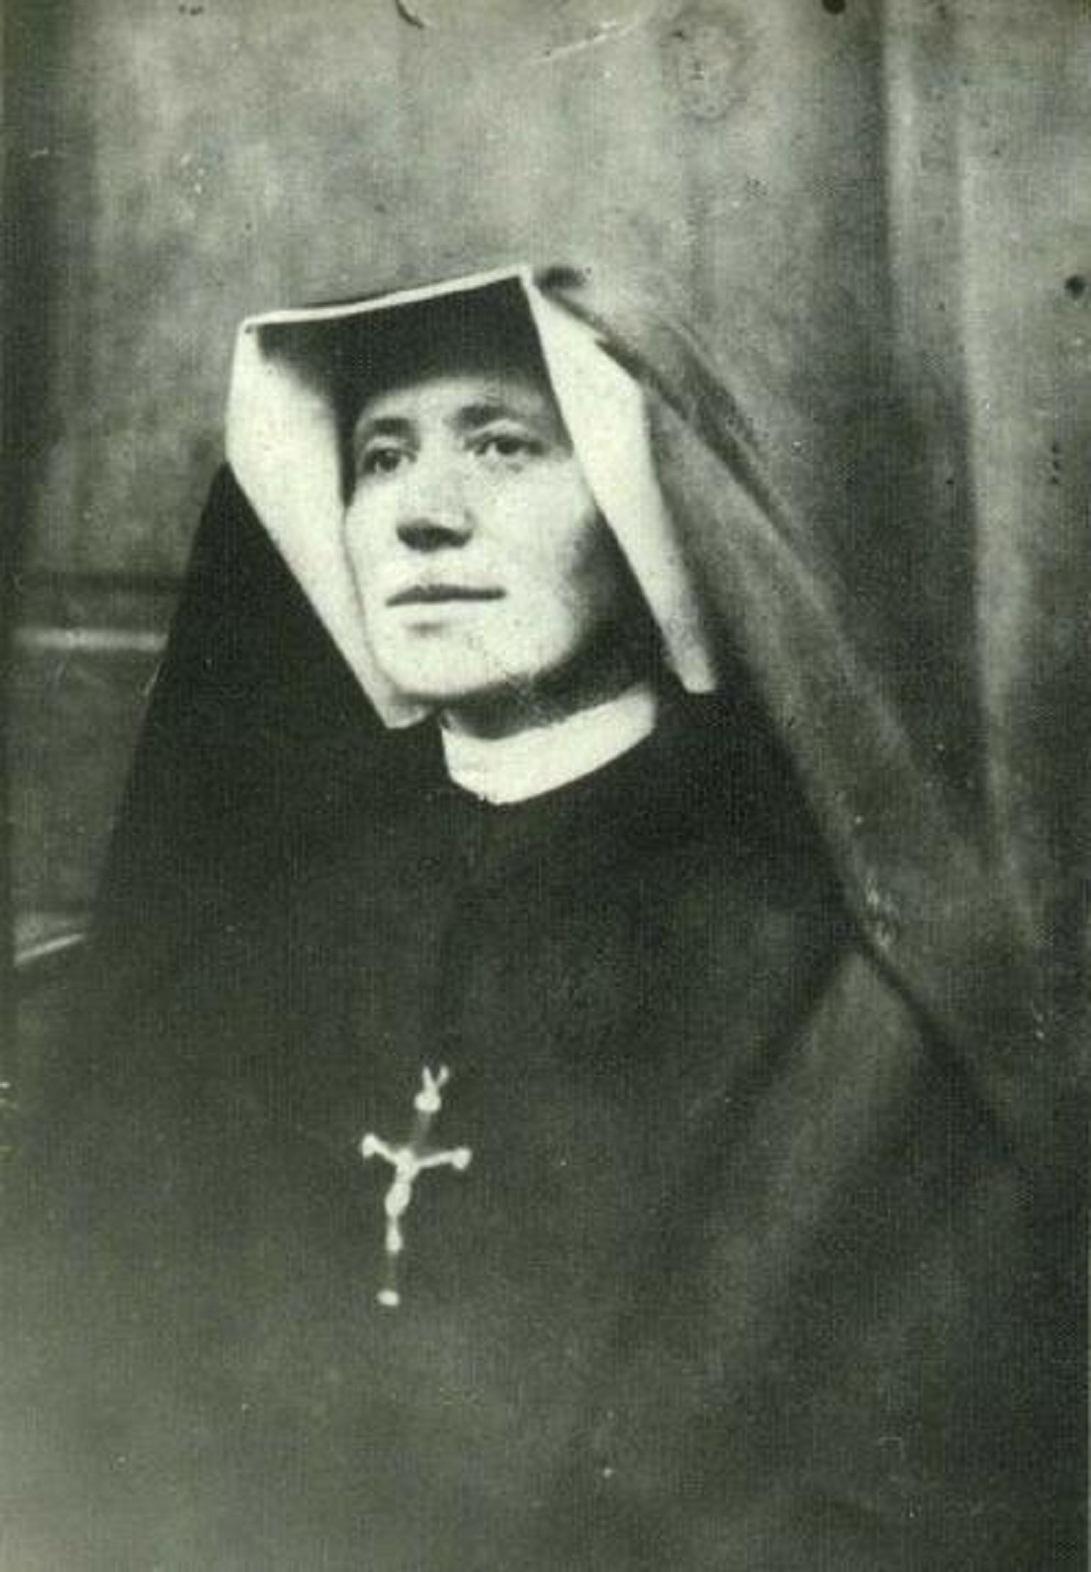 Santo de hoy - Faustina Kowalska, Santa Apóstol de la Divina Misericordia  (+1938 dC) 05/10 | Parroquia Ntra Sra de la Salud